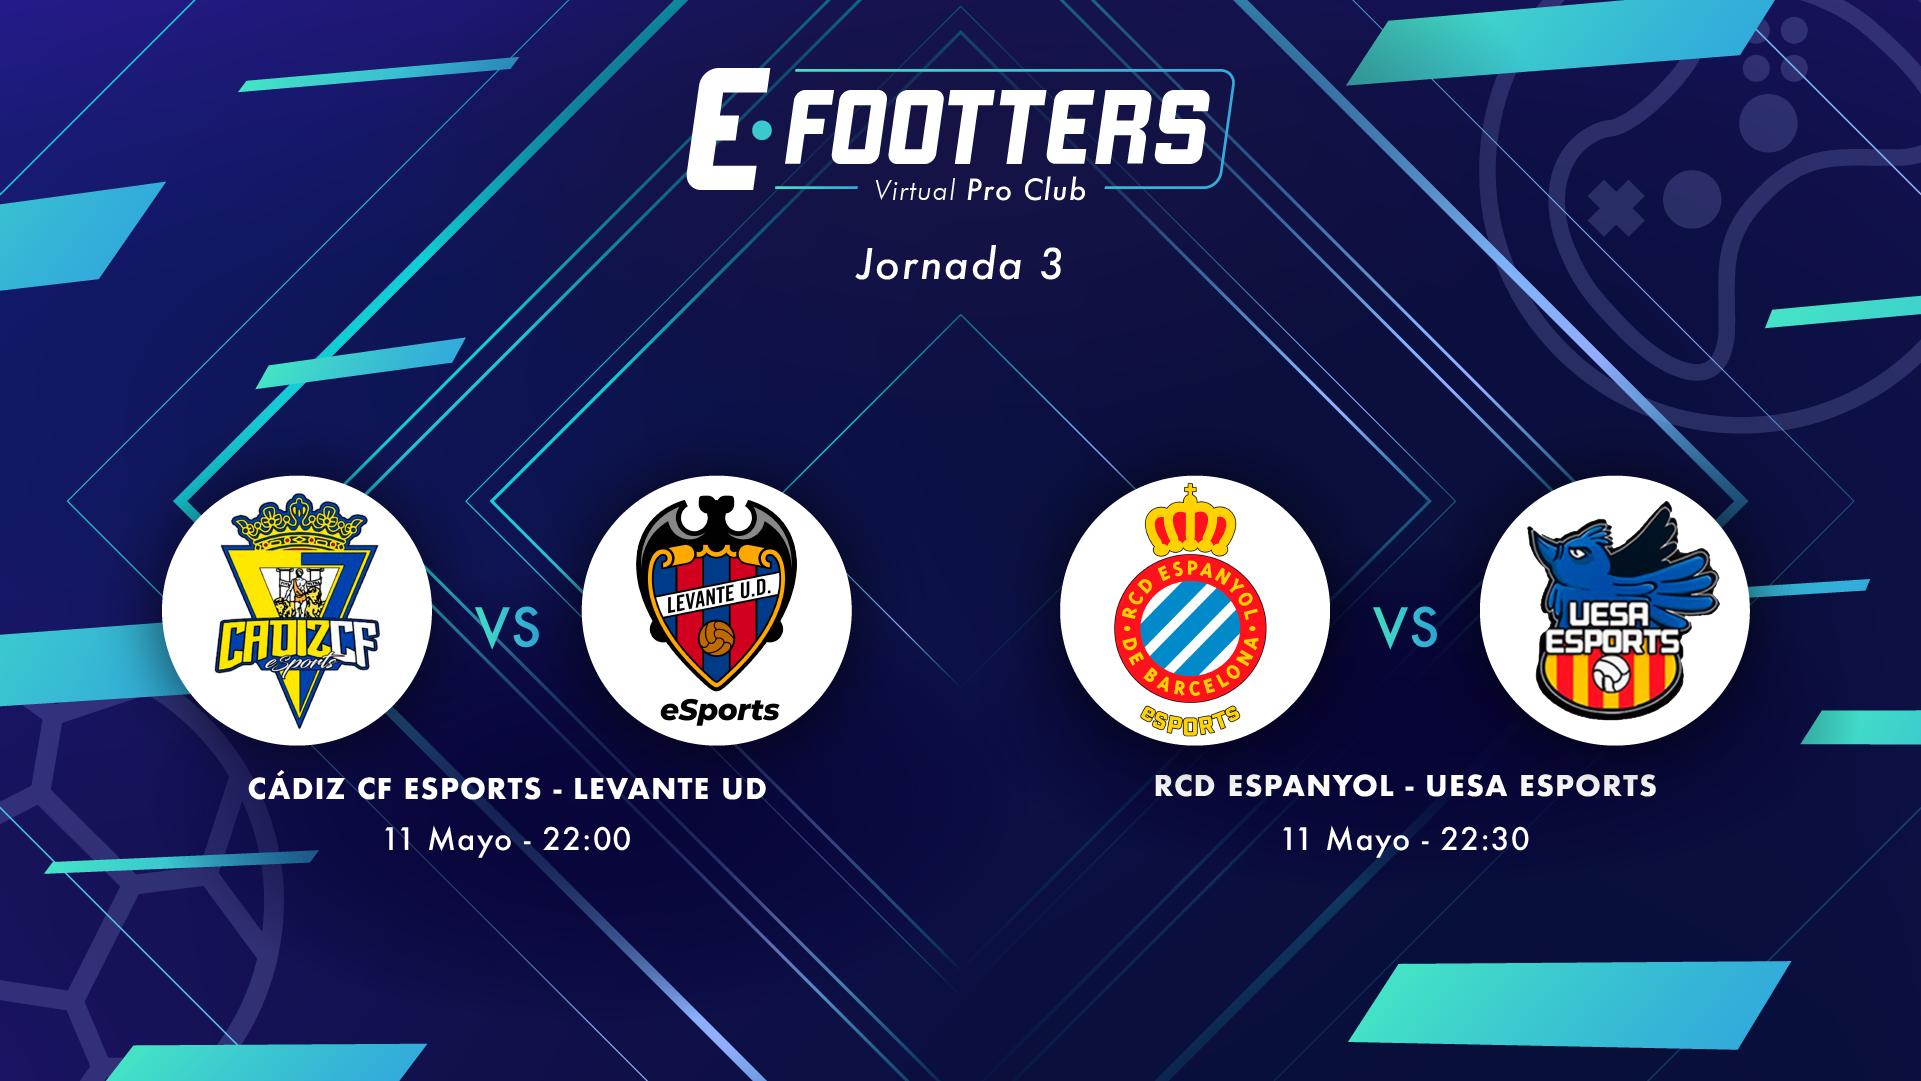 Imagen de los partidos del día dos de la jornada 3 Cádiz - Levante y Espanyol - UESA